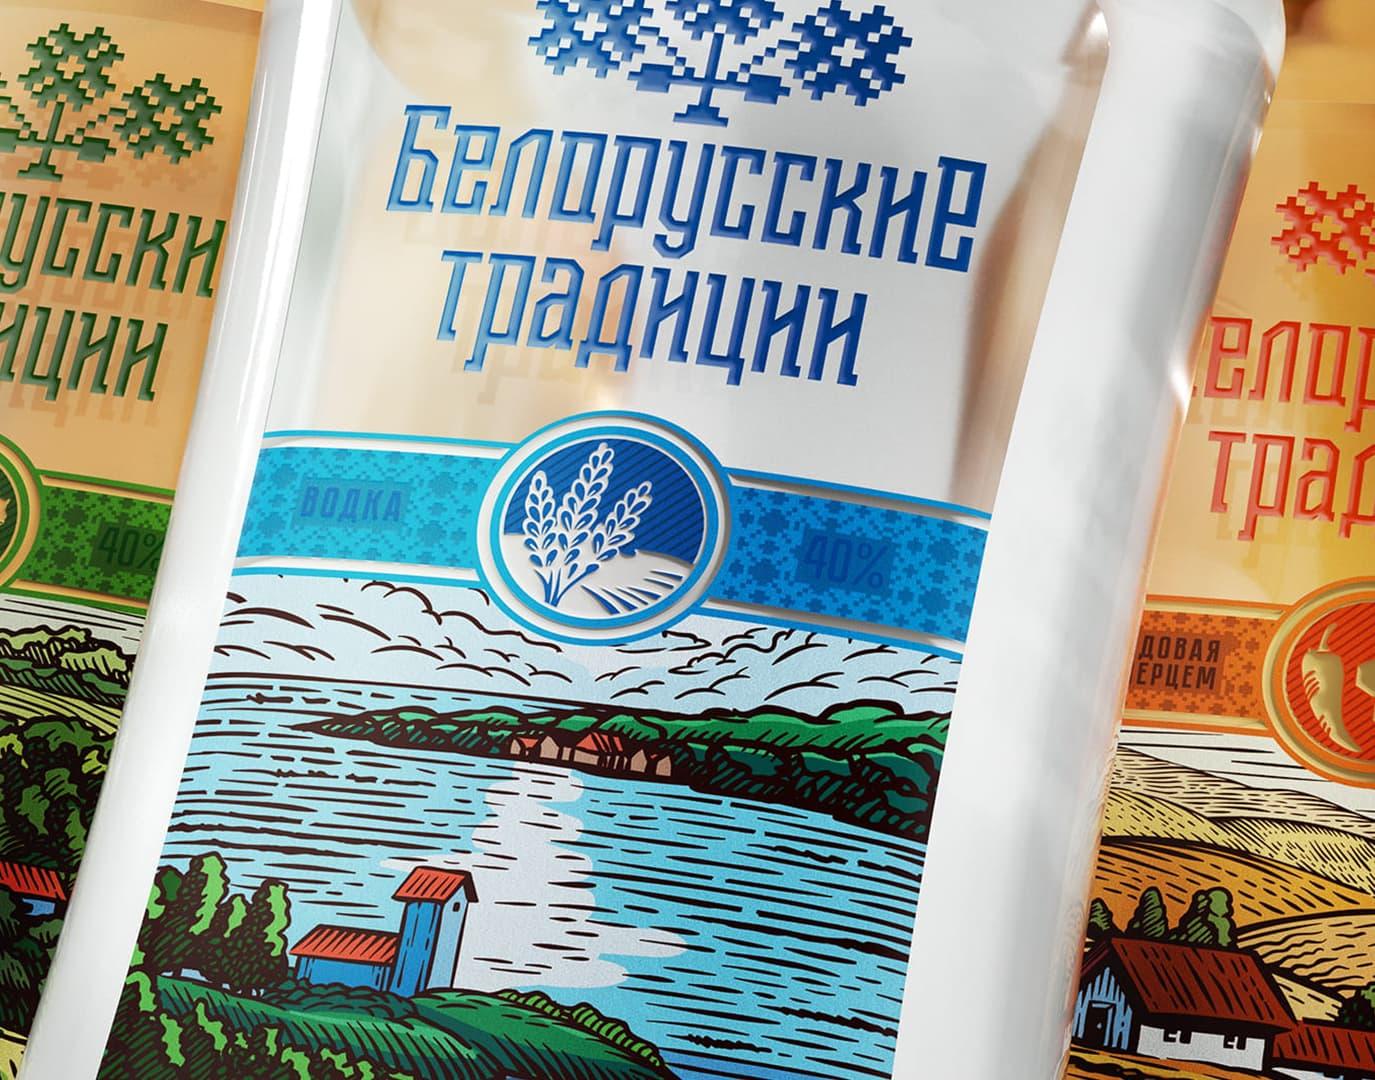 Белорусские традиции